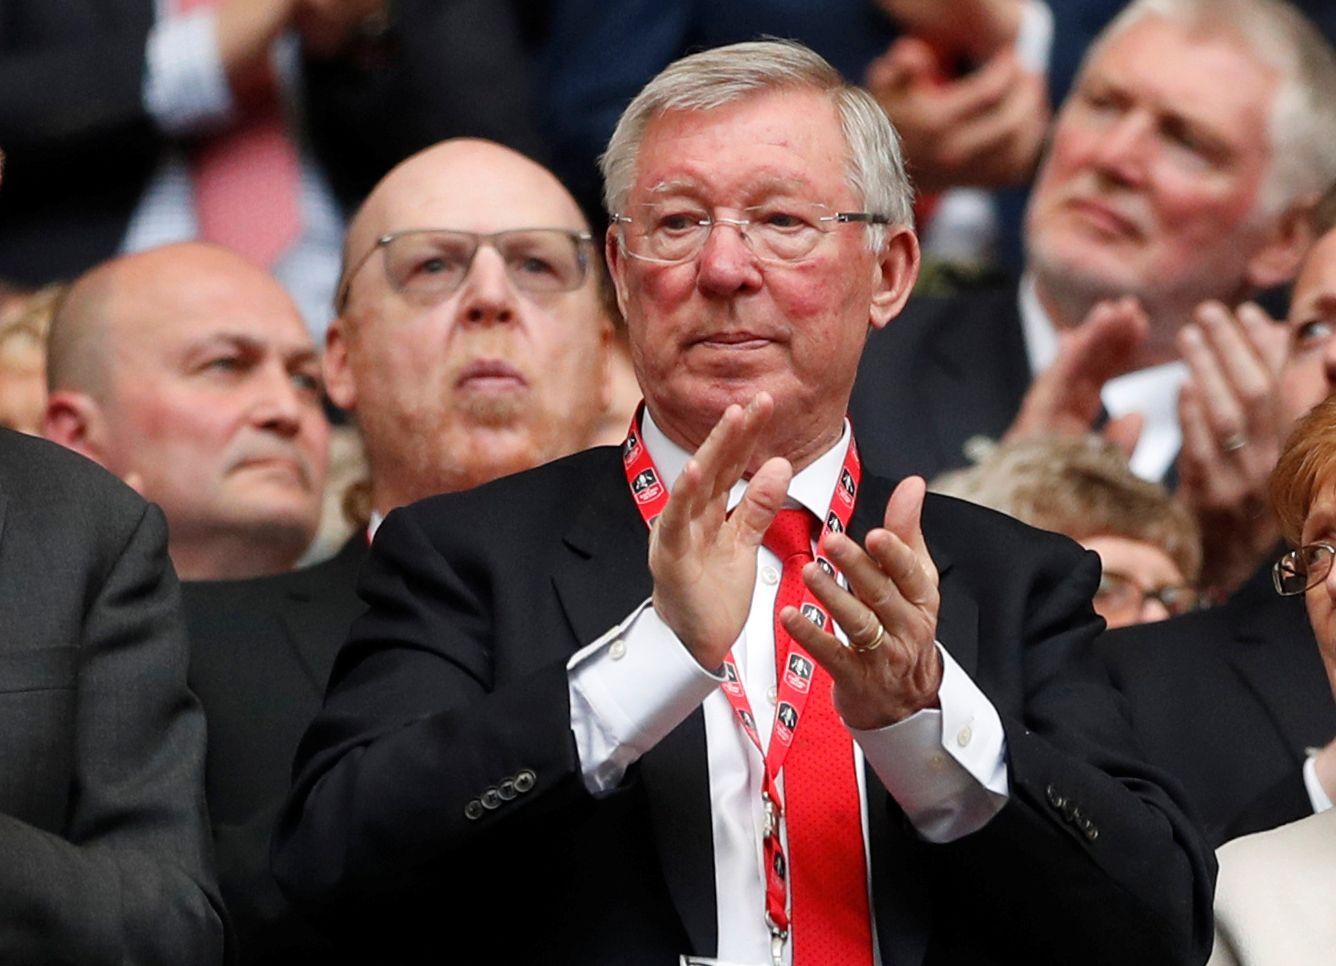 PÅ KAMP I APRIL: Sir Alex Ferguson var på fotballkamp på Wembley 21. april og så Tottenham-Manchester United. Det var kort tid før hjerneblødningen.